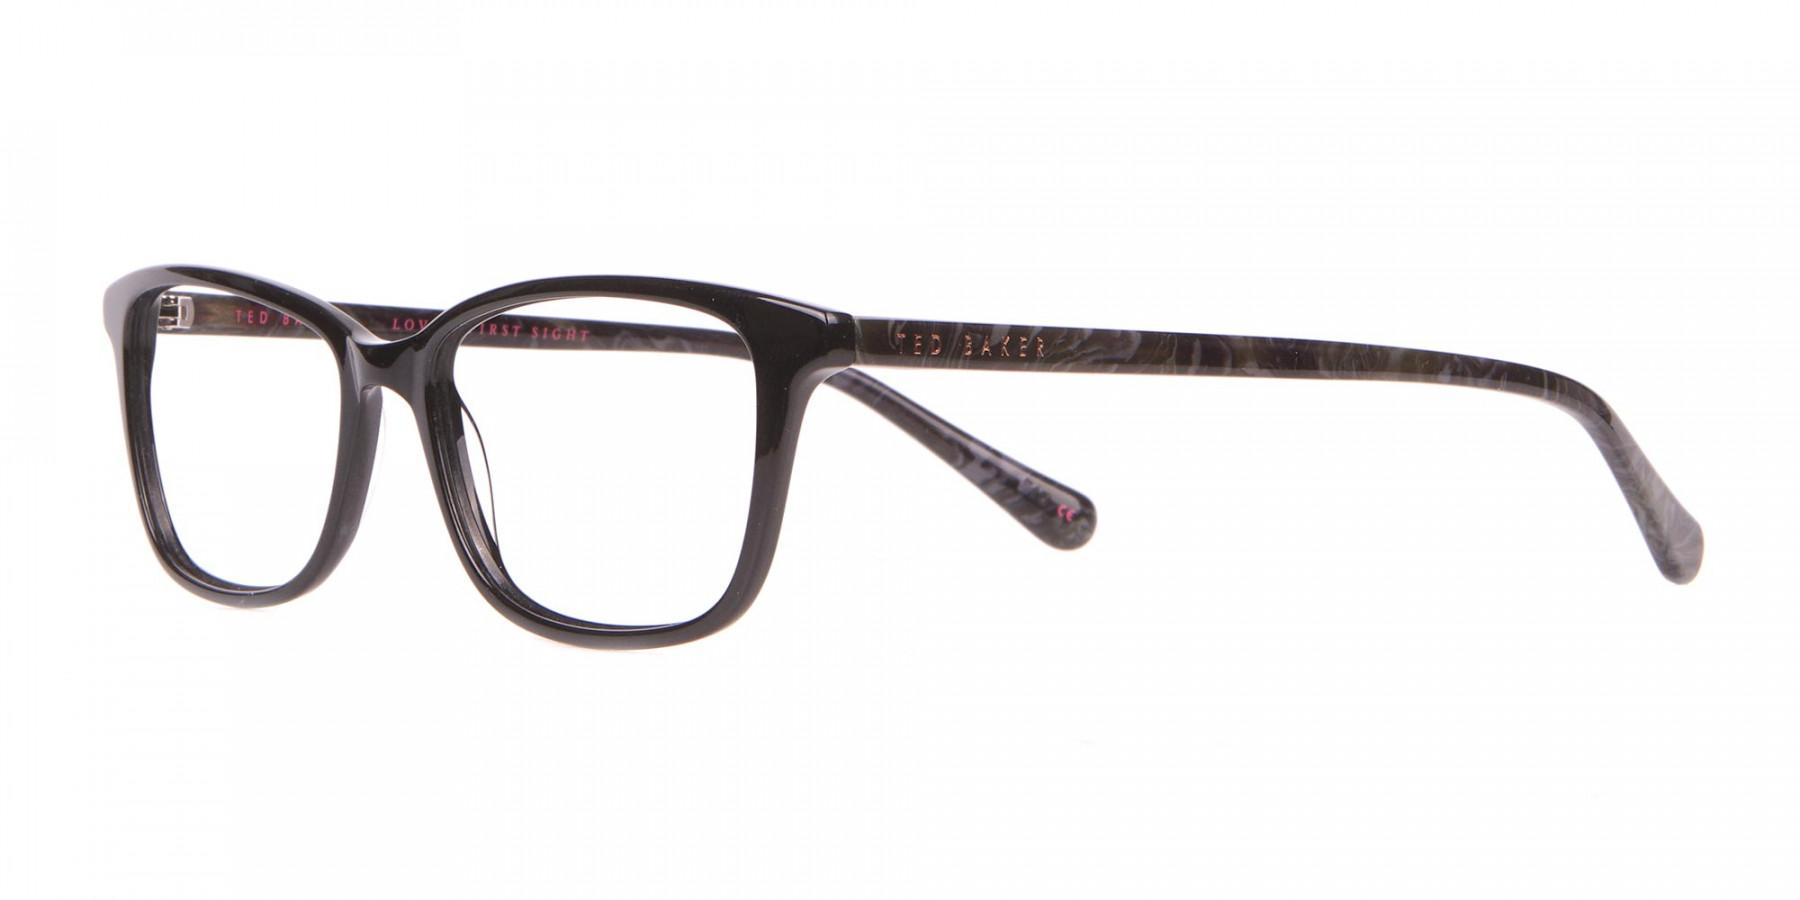 Ted Baker TB9162 Lorie Women's Black Rectangular Glasses-1